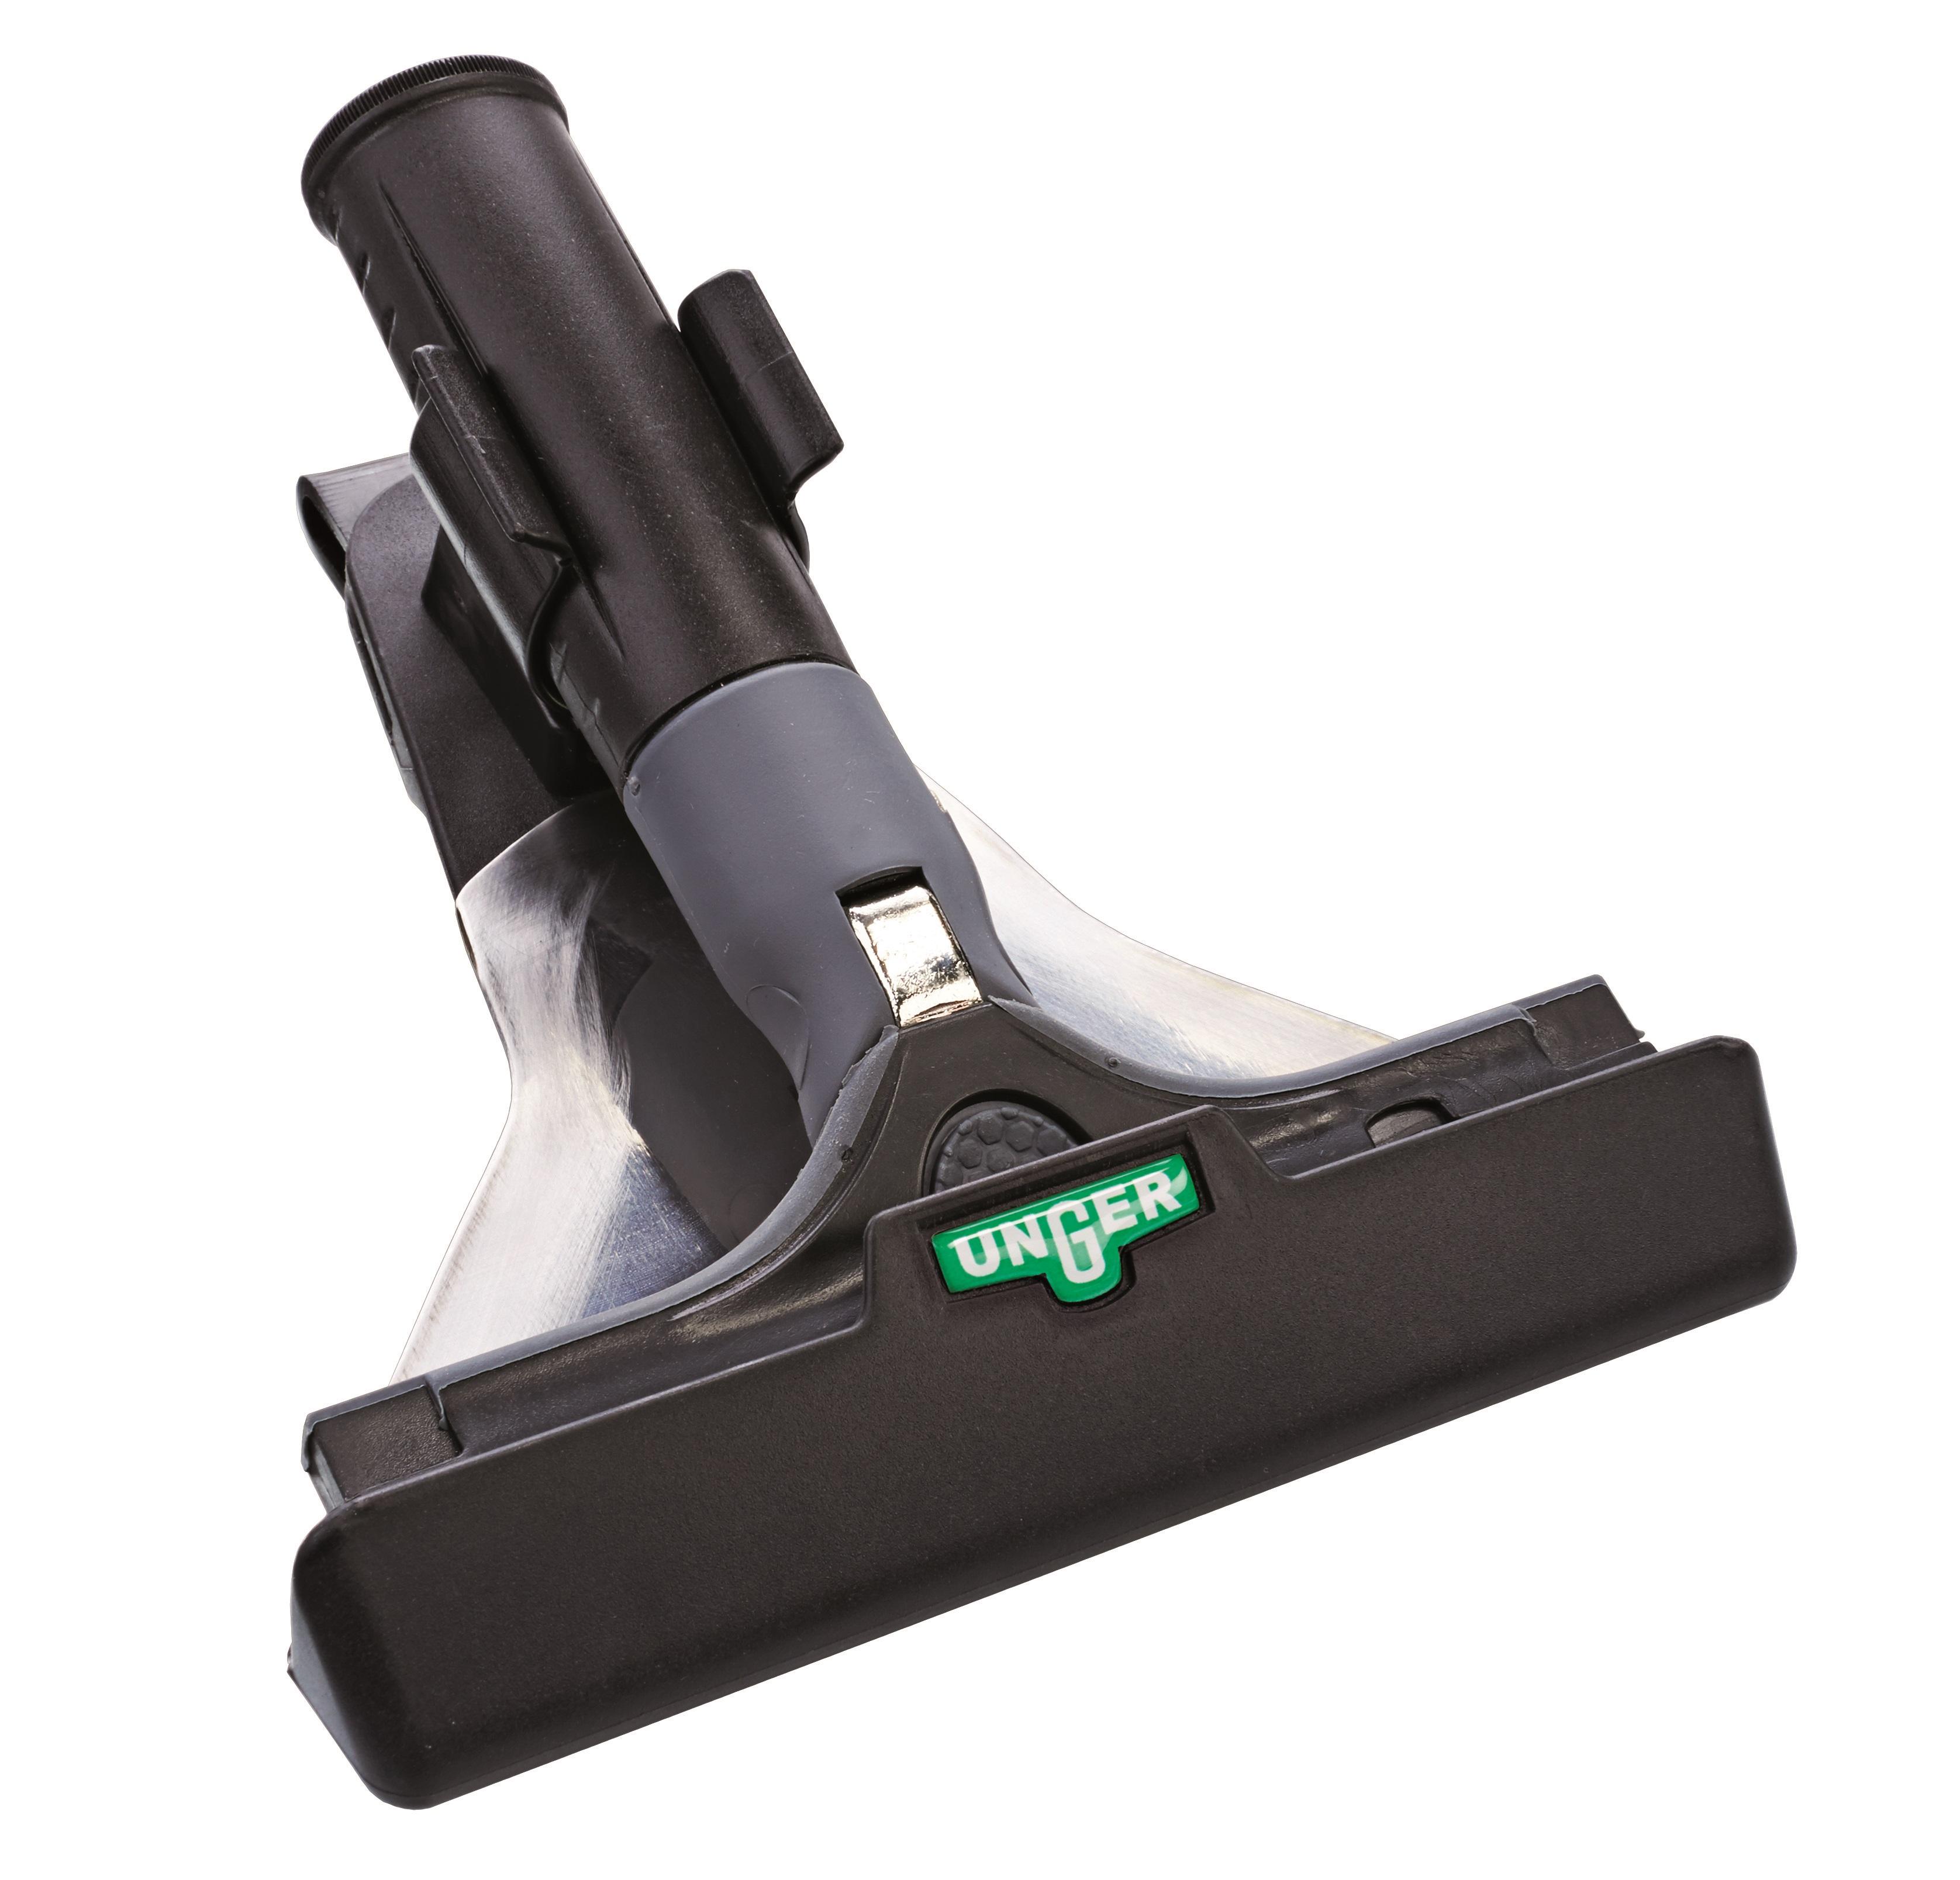 Unger-Ergotec-Ninja-Combo-10cm--scraper---holster-